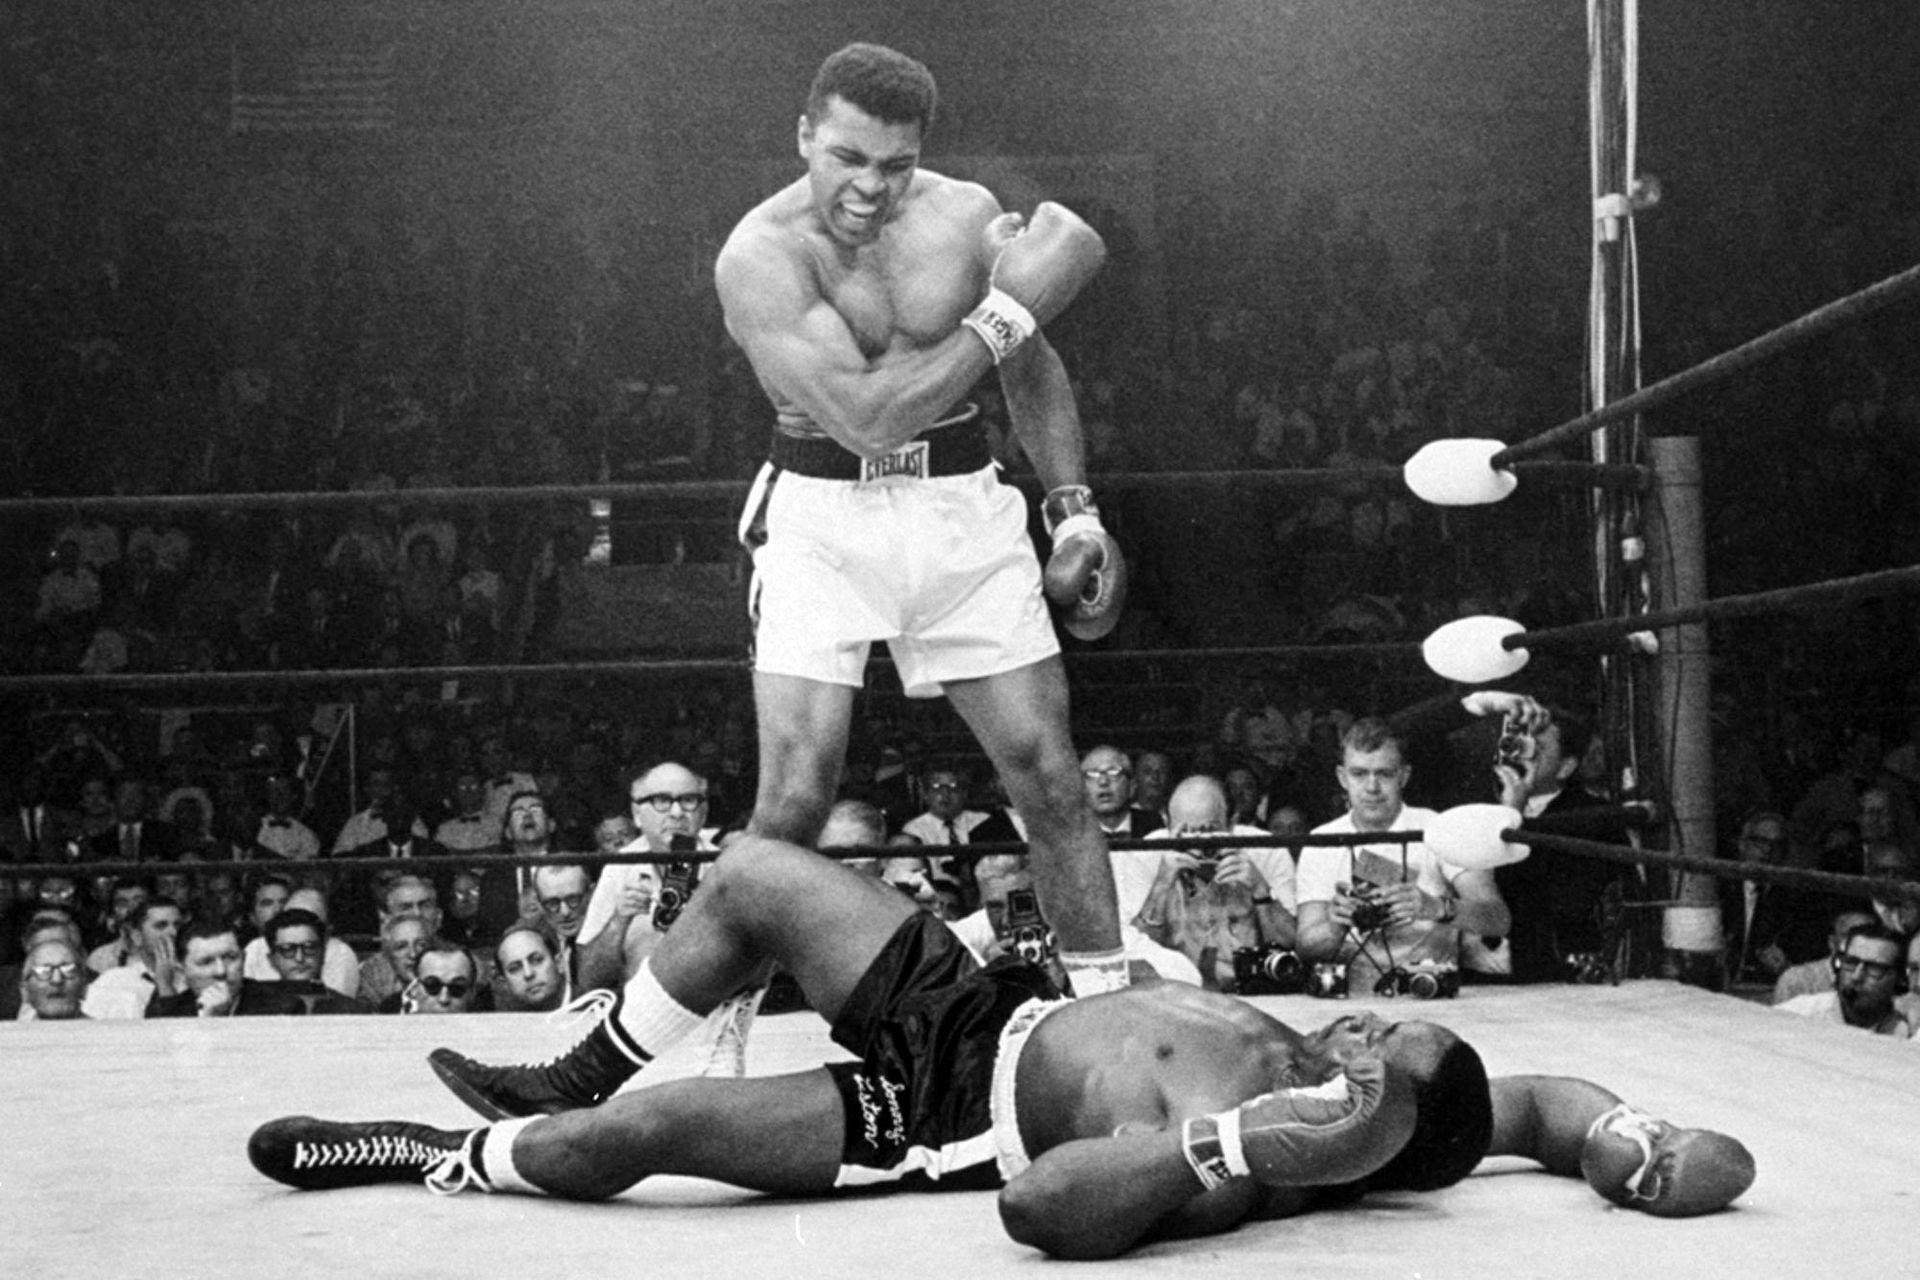 Emblemática foto de la carrera de Muhammad Alí; fue el 25 de mayo de 1965, cuando ya era campeón mundial y le dio la revancha a Sonny Liston